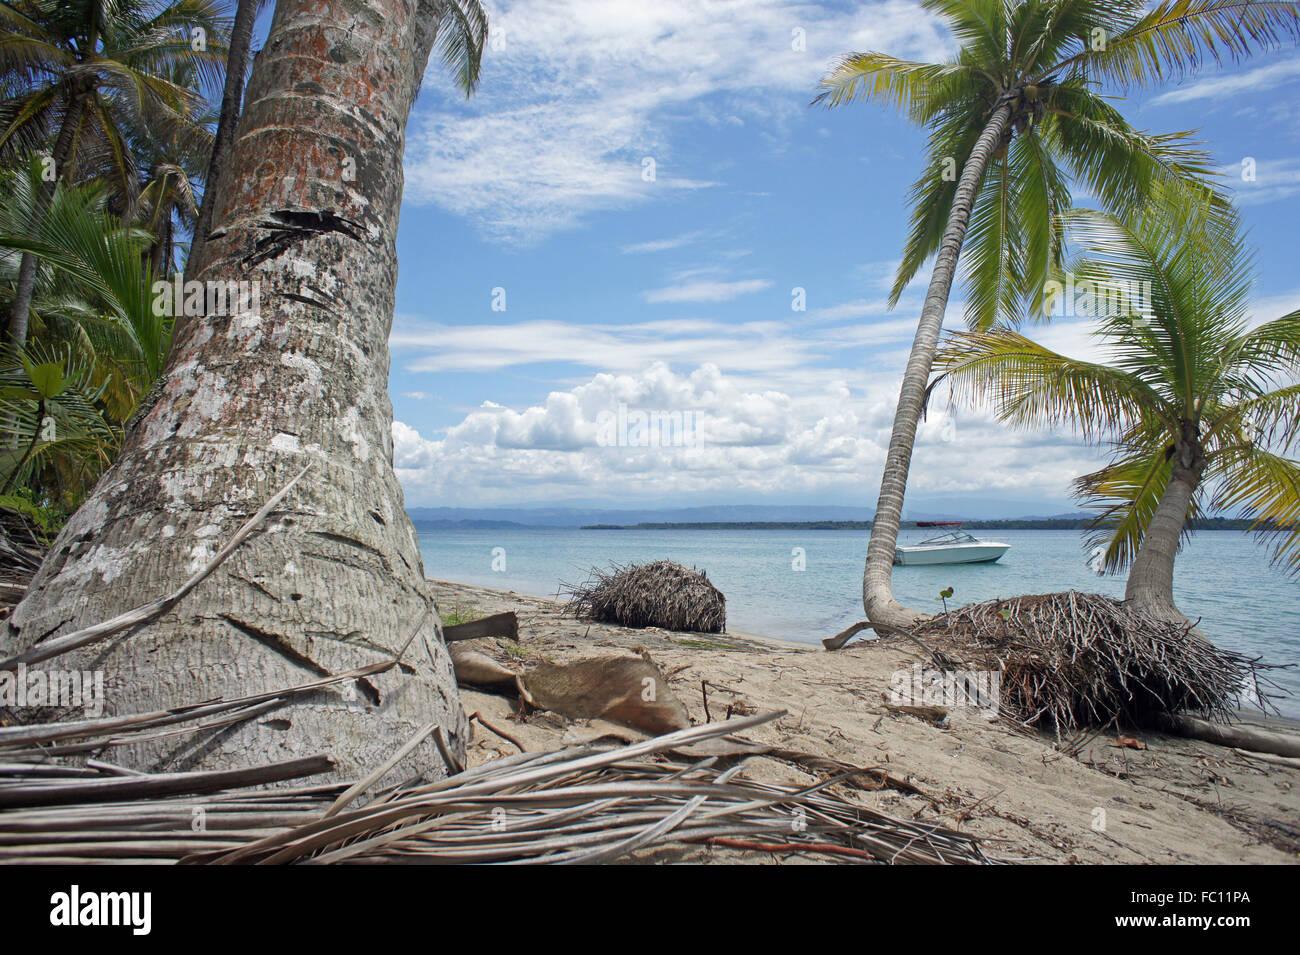 Karibik-Urlaub Stockbild